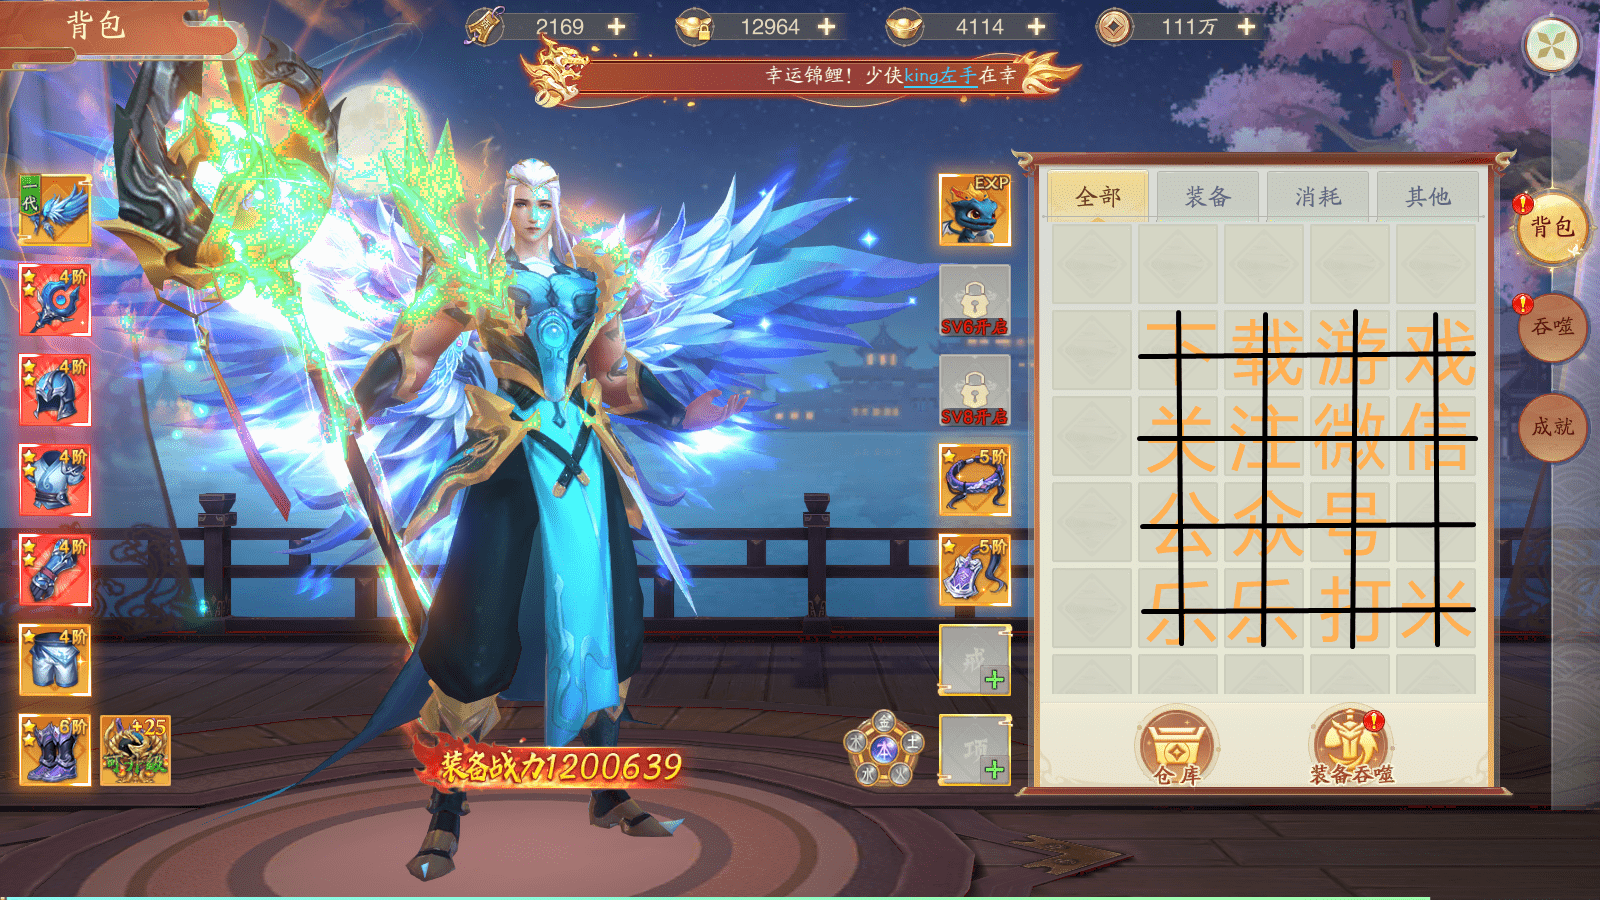 仙侠游戏:战玲珑新国风仙侠手游,神兵玩法攻略